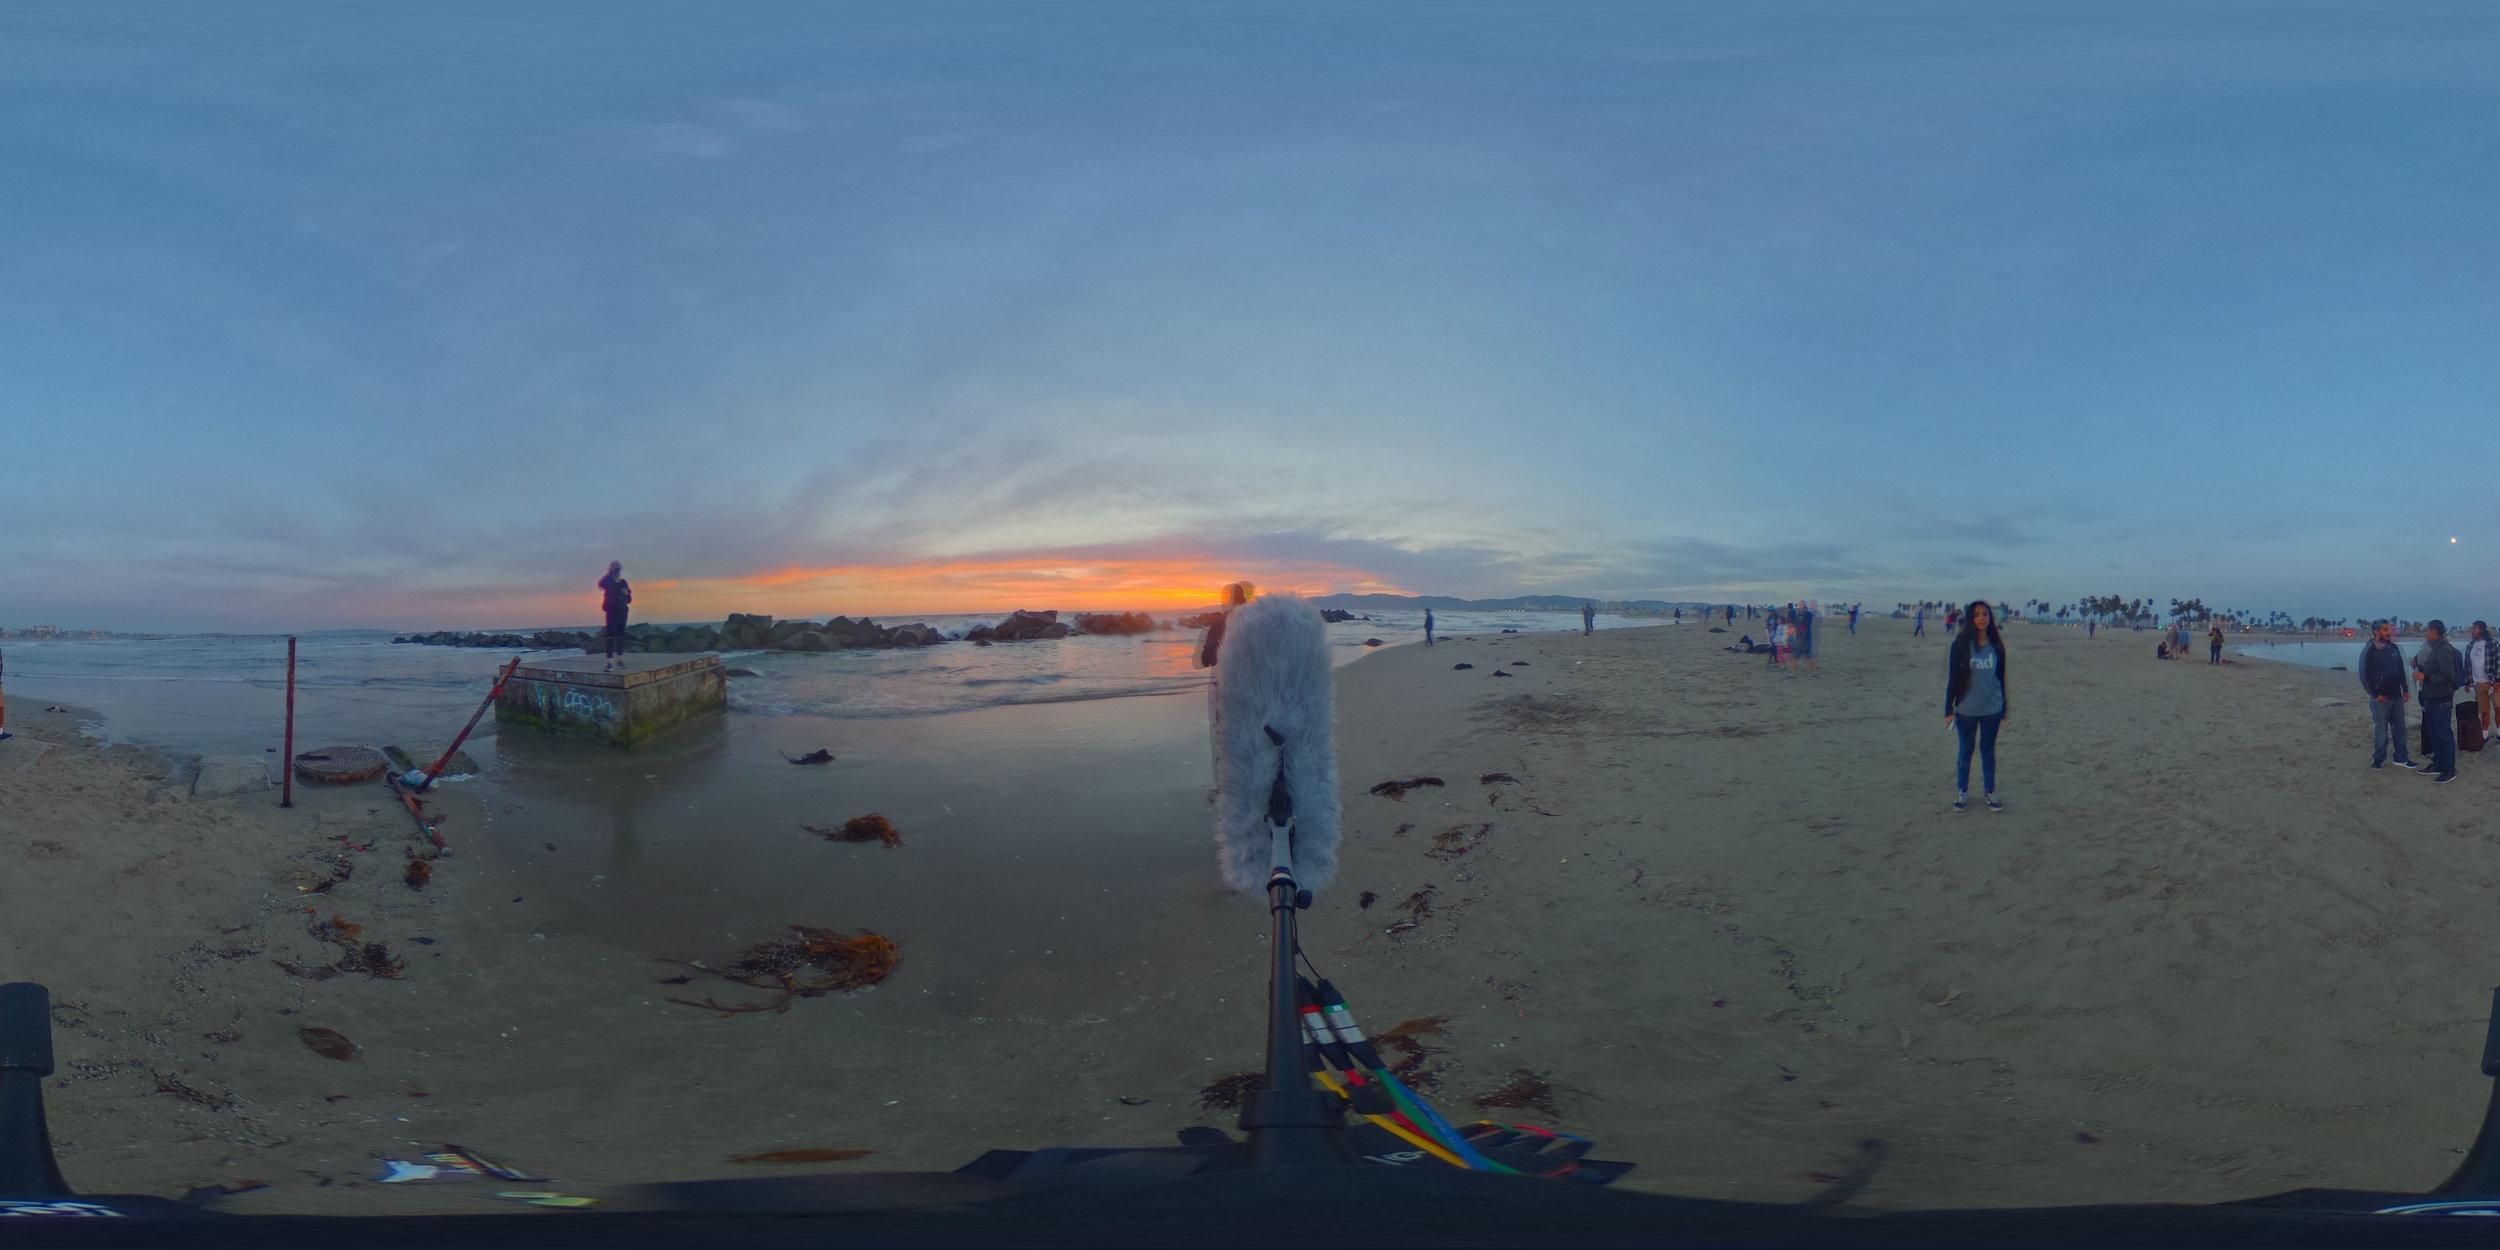 EXT_Sunset_Beach_SporadicGroupWalla_CloseWaves_WavesCrashingOnRocksMediumDistance_JPEG.JPG